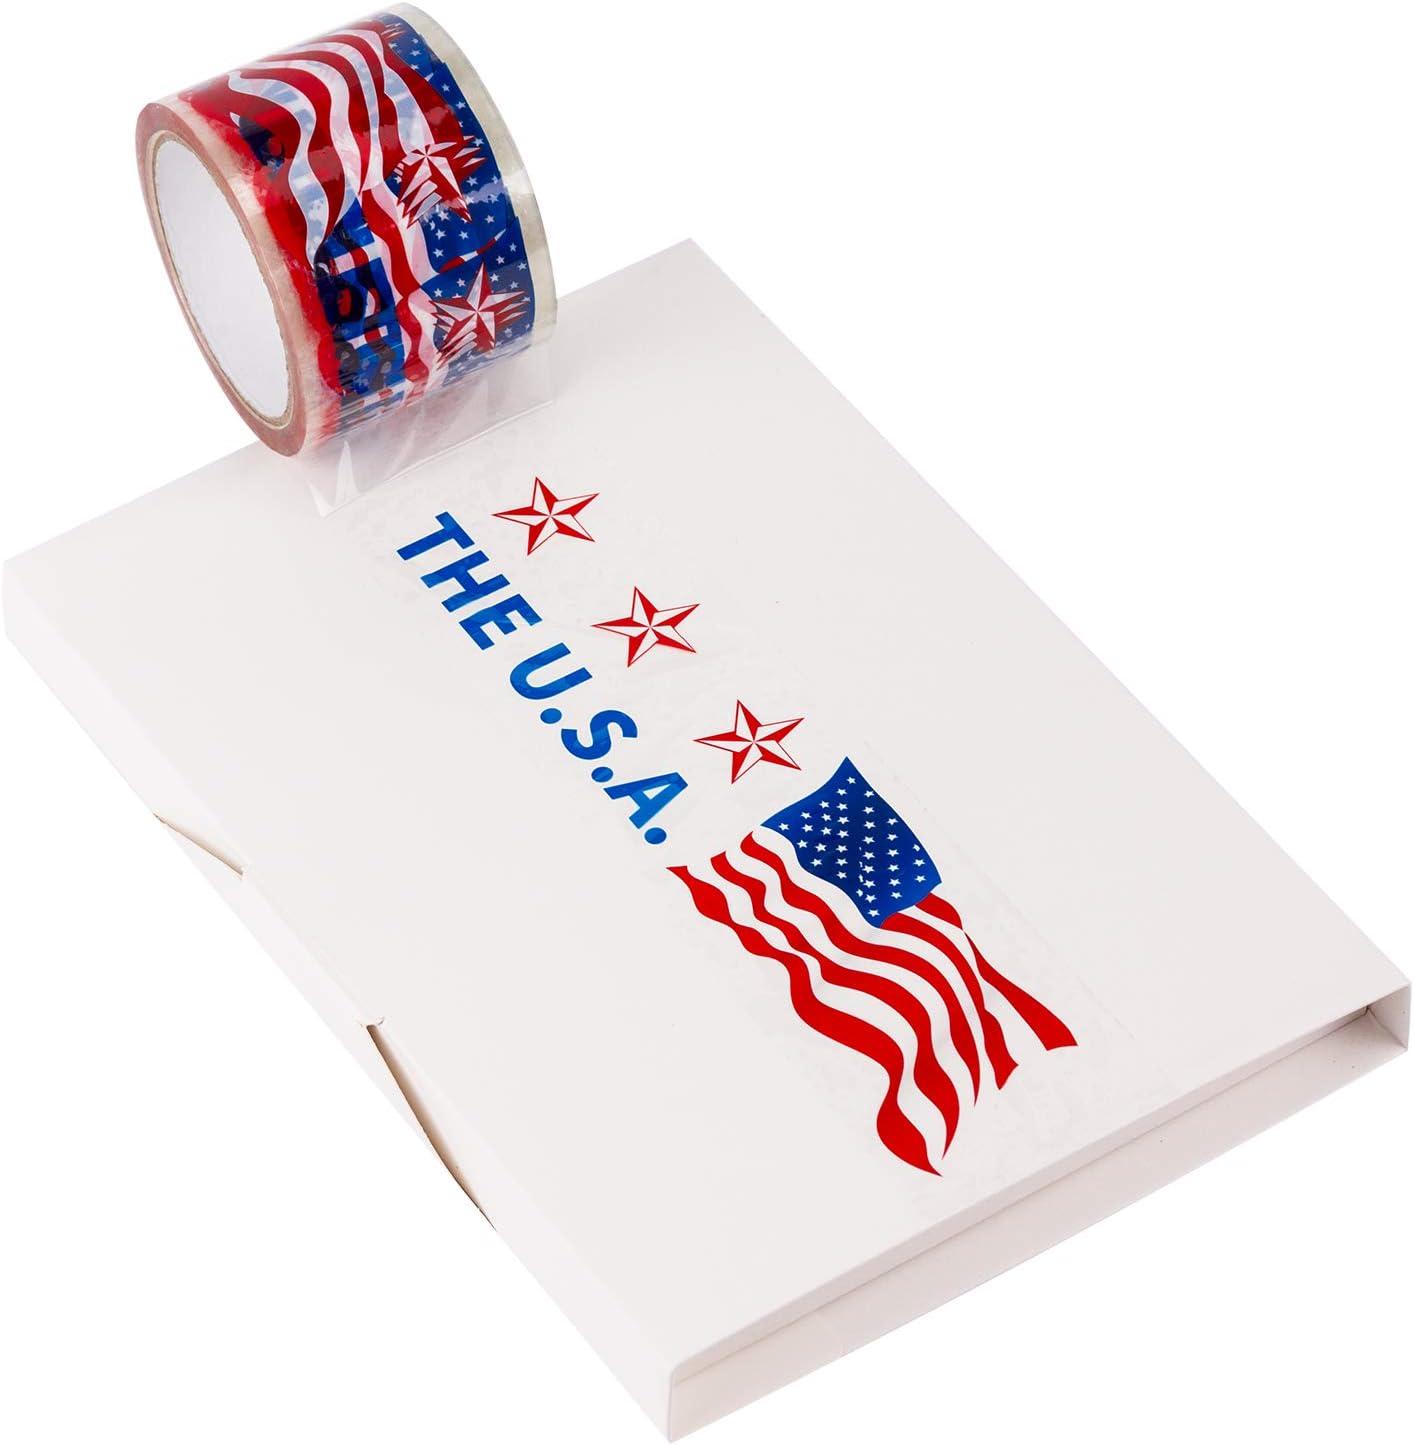 Ruspepa Cinta adhesiva de embalaje, resistente, bandera estadounidense, cinta adhesiva impresa 2.88 pulgadas x 50 yardas, 1 rollo: Amazon.es: Oficina y papelería